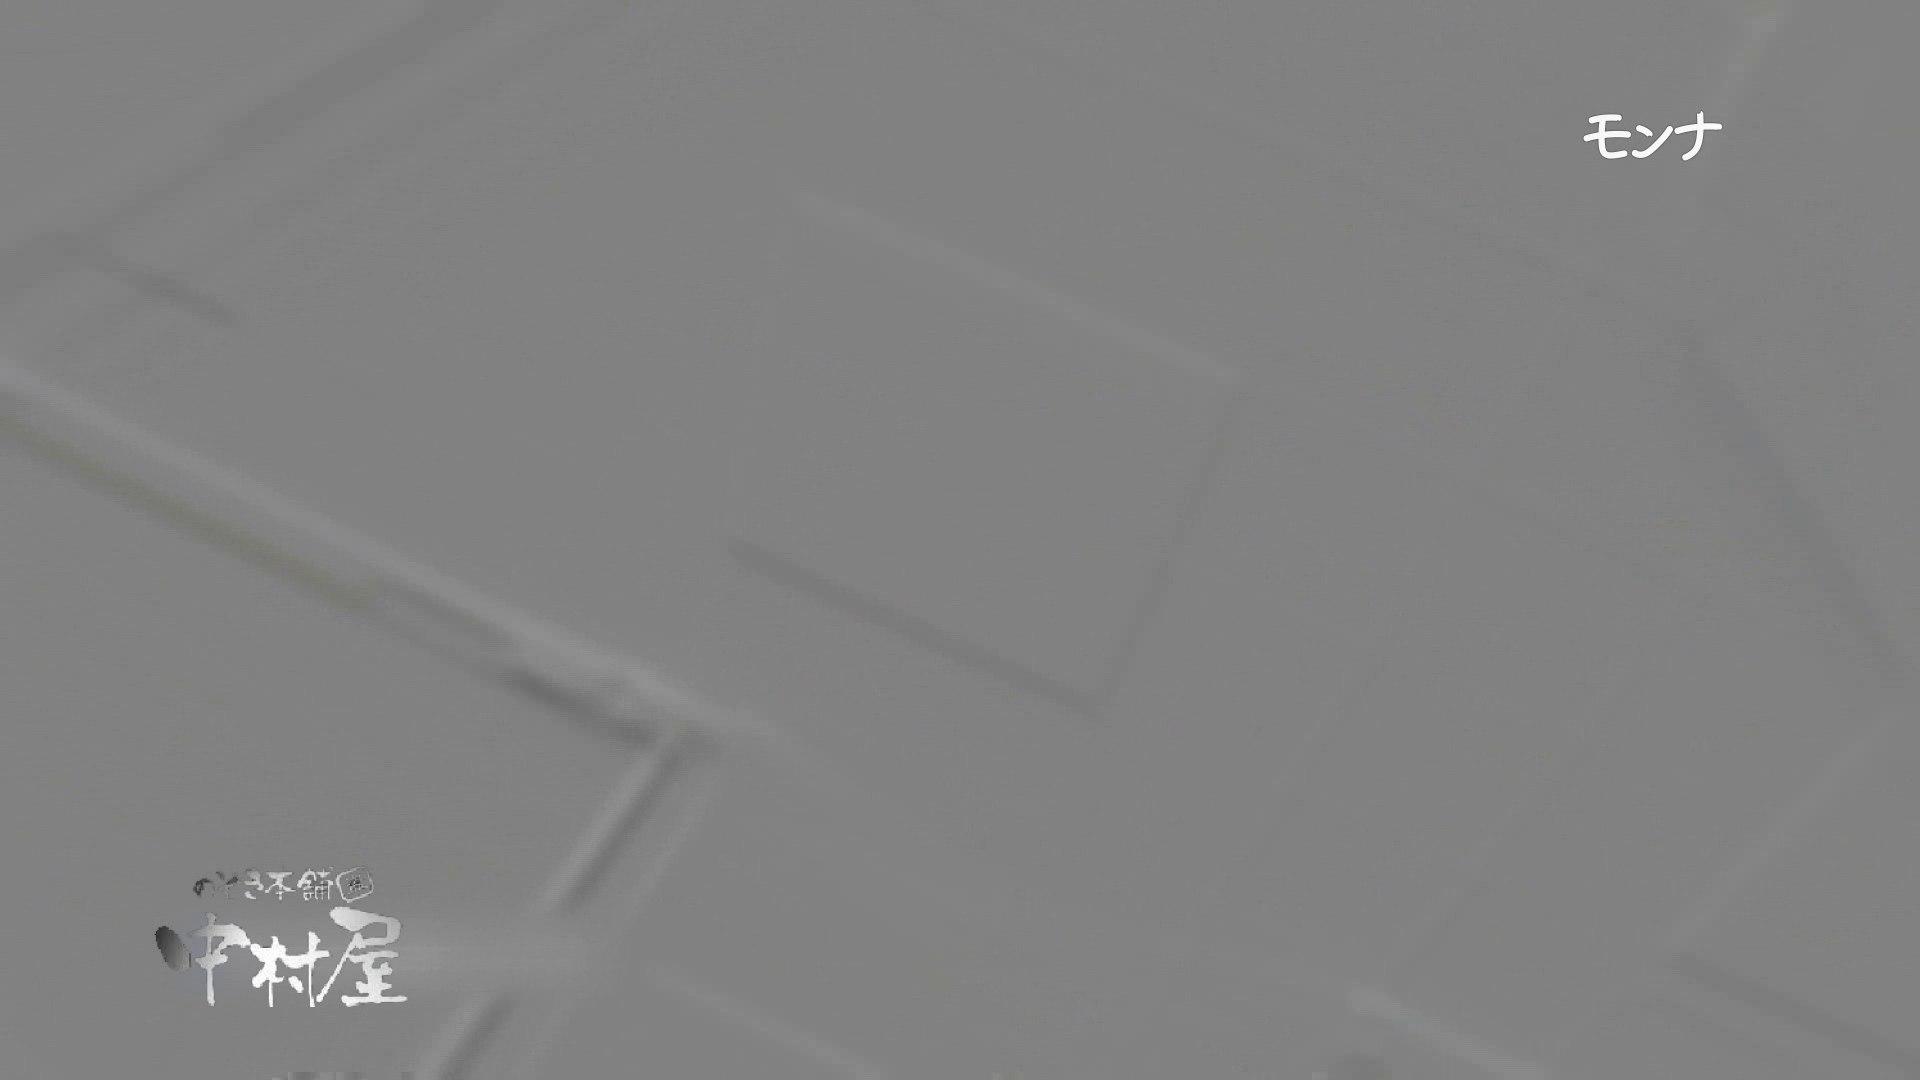 【美しい日本の未来】新学期!!下半身中心に攻めてます美女可愛い女子悪戯盗satuトイレ後編 悪戯 | 下半身  97pic 95